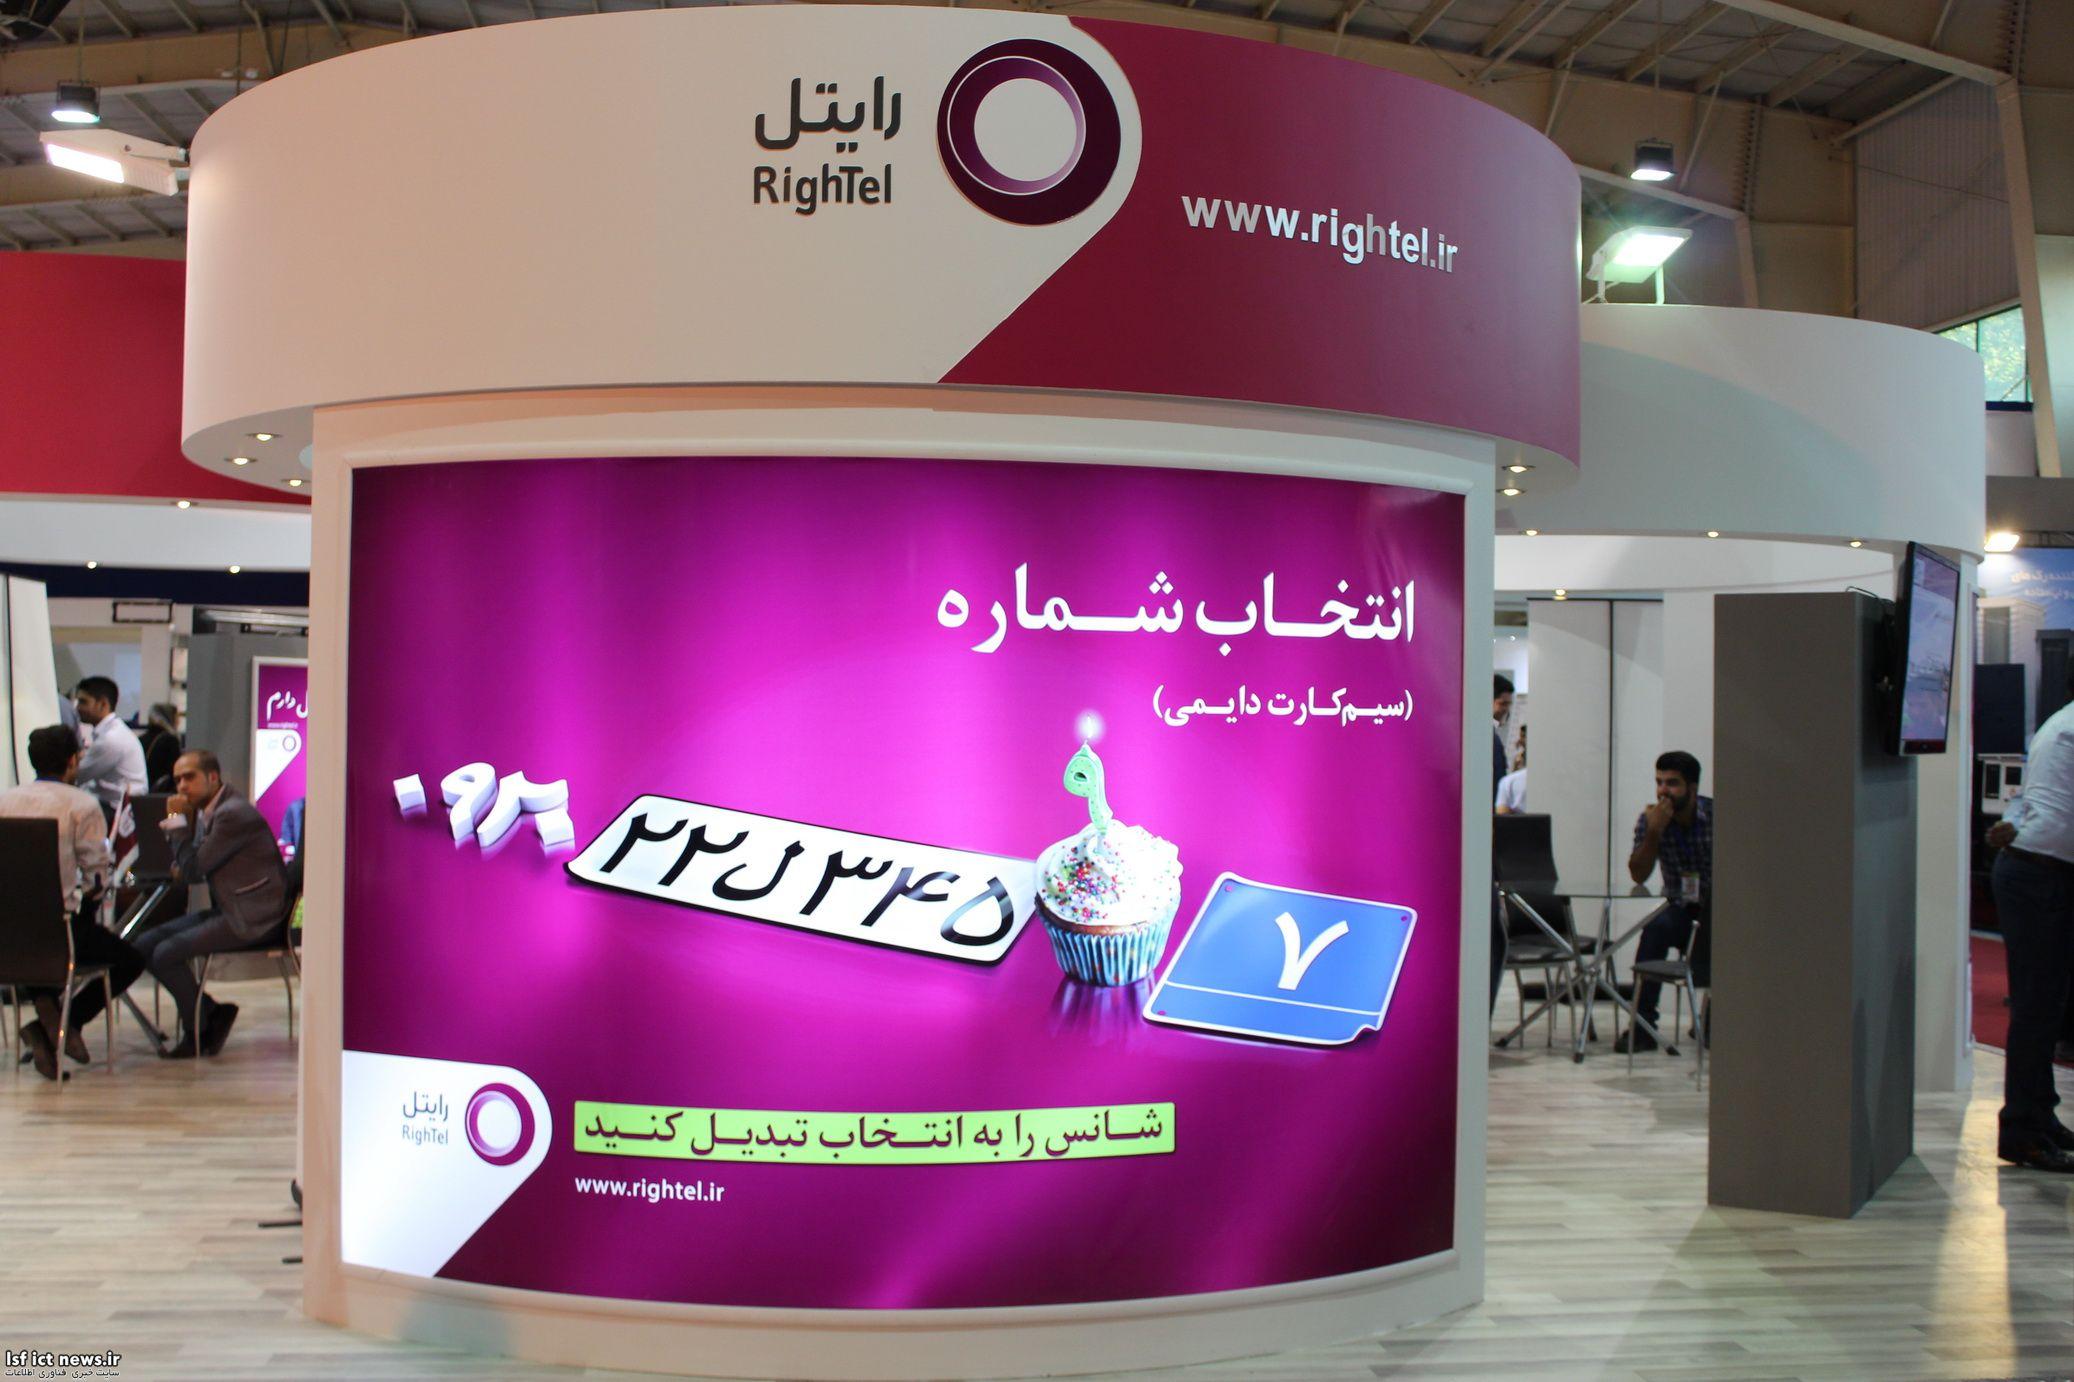 عکس های مشارکت کننده های پنجمین نمایشگاه مخابرات،ارتباطات در اصفهان